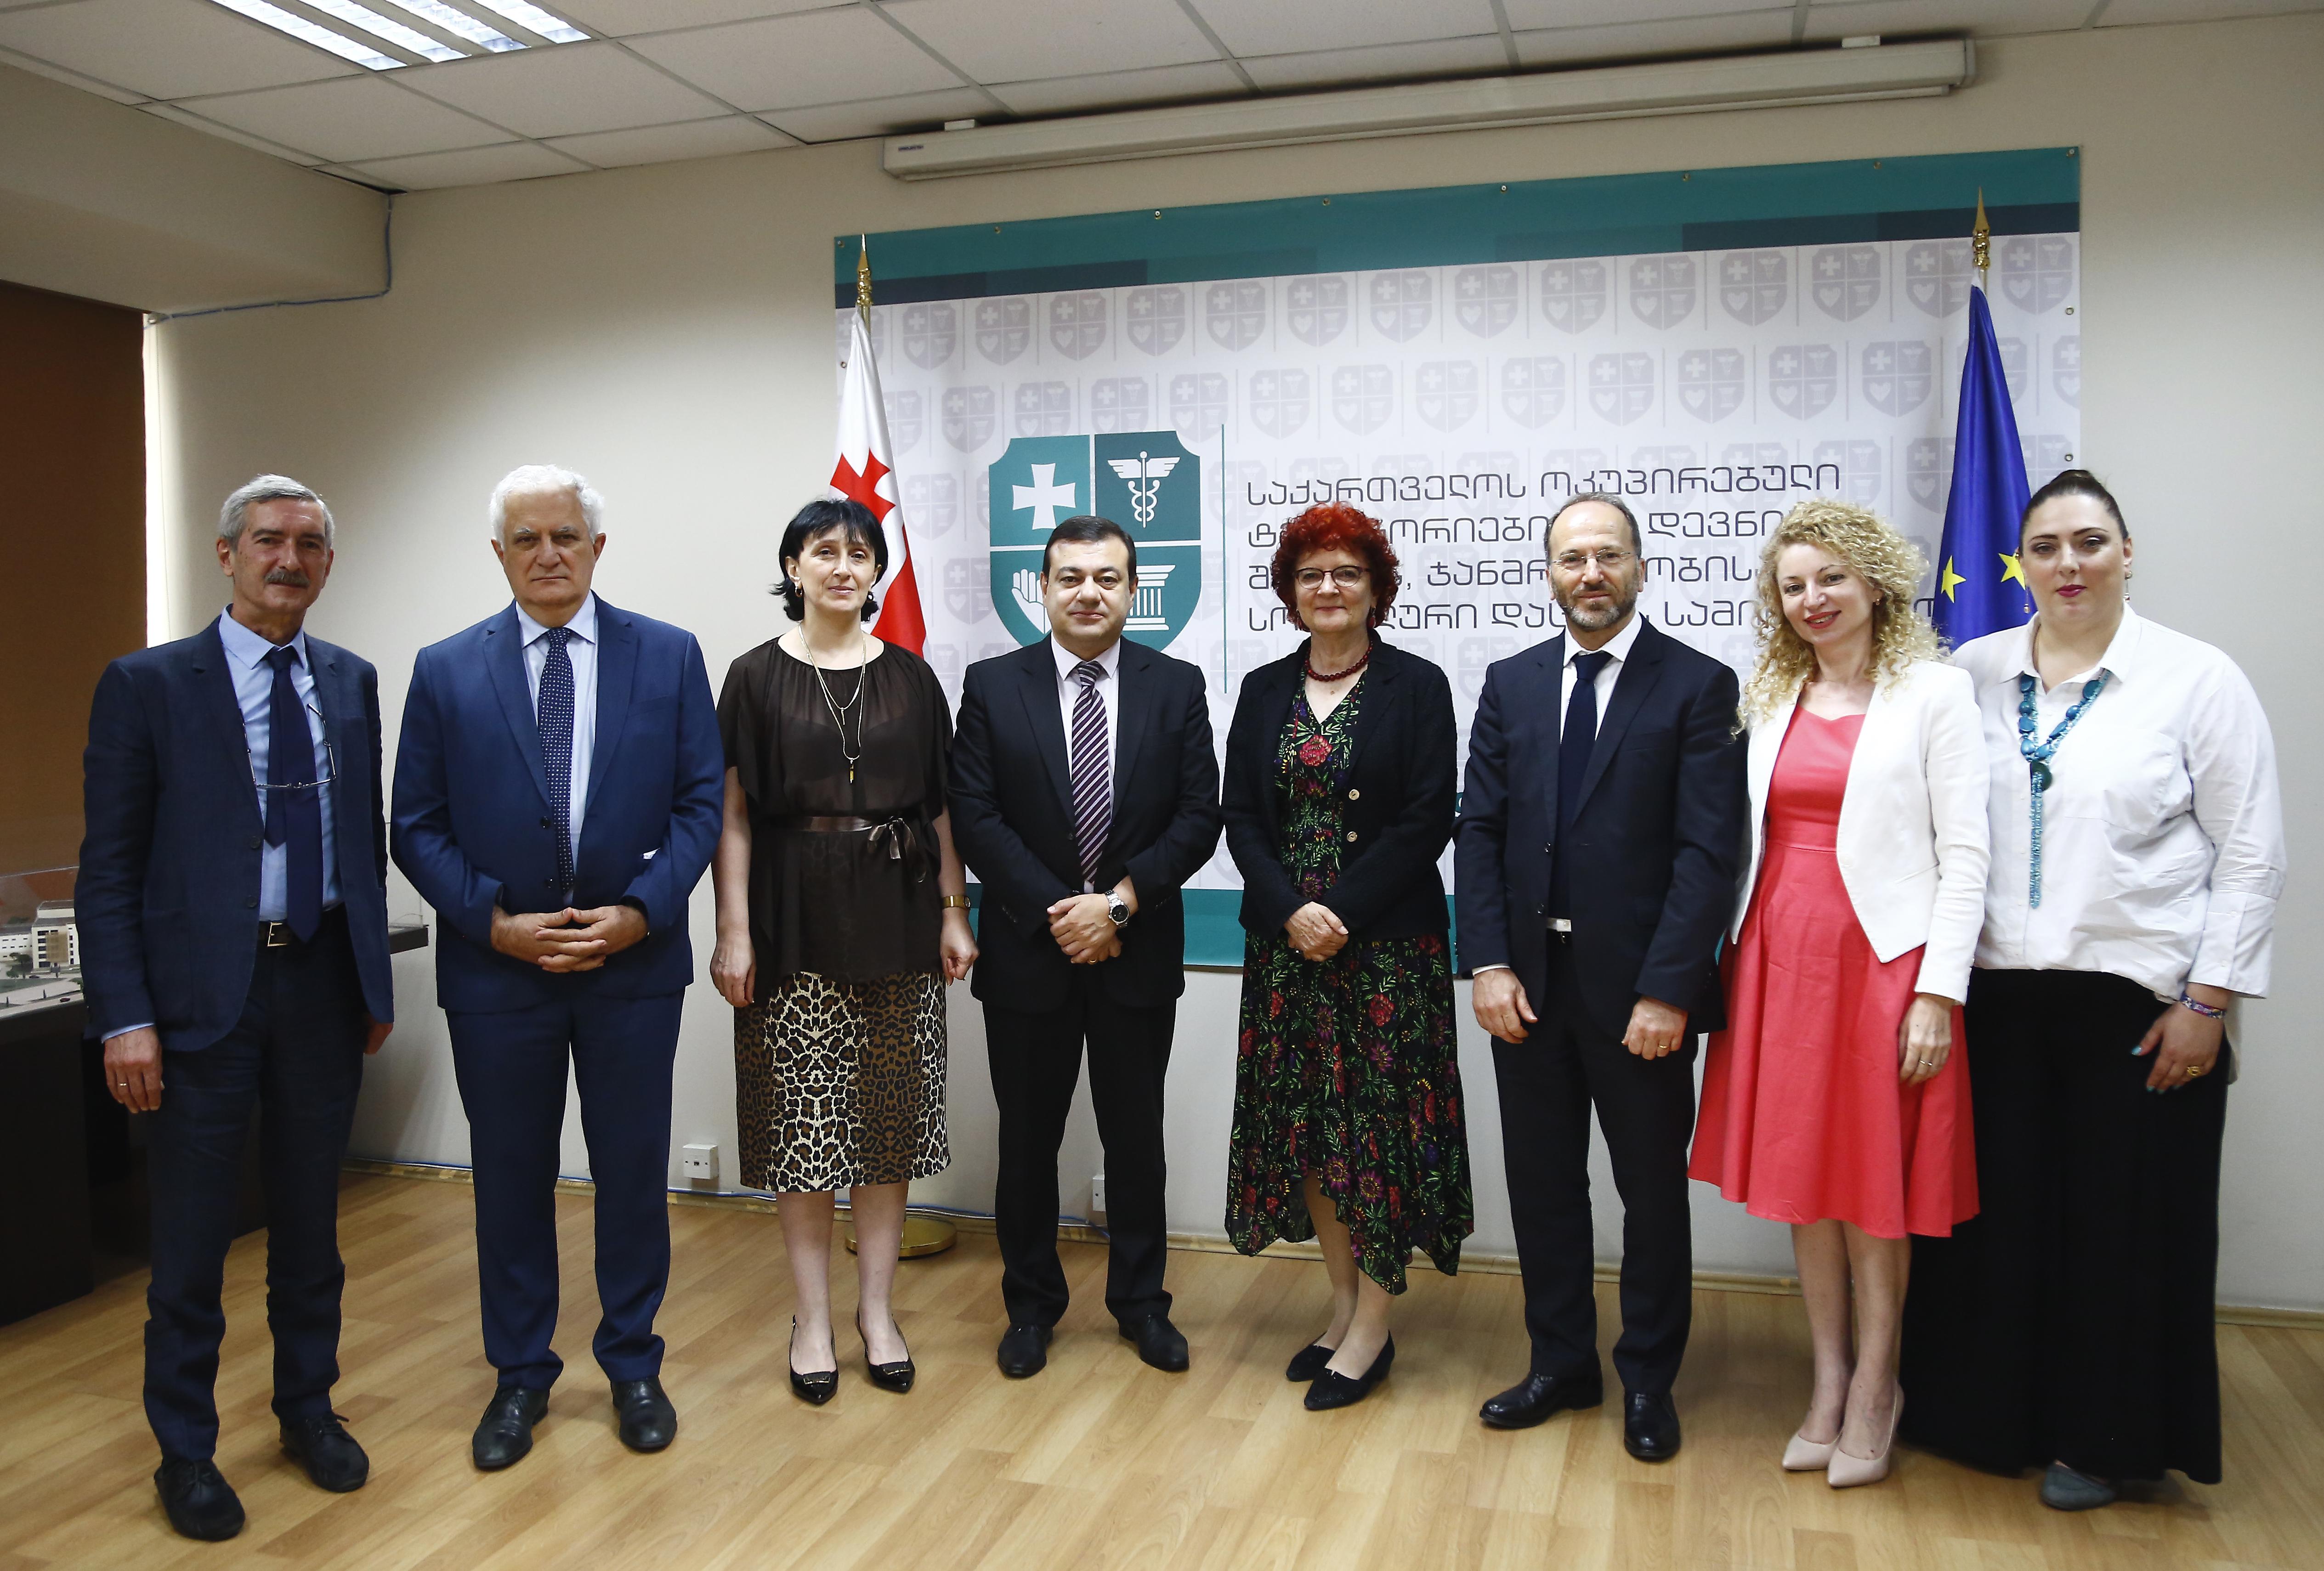 ევროპის დაავადებათა პრევენციისა და კონტროლის ცენტრის (European Center for Disease prevention and Control – ECDC) დირექტორის - ქალბატონი ანდრეა ამონის პირველი ვიზიტი საქართველოში.